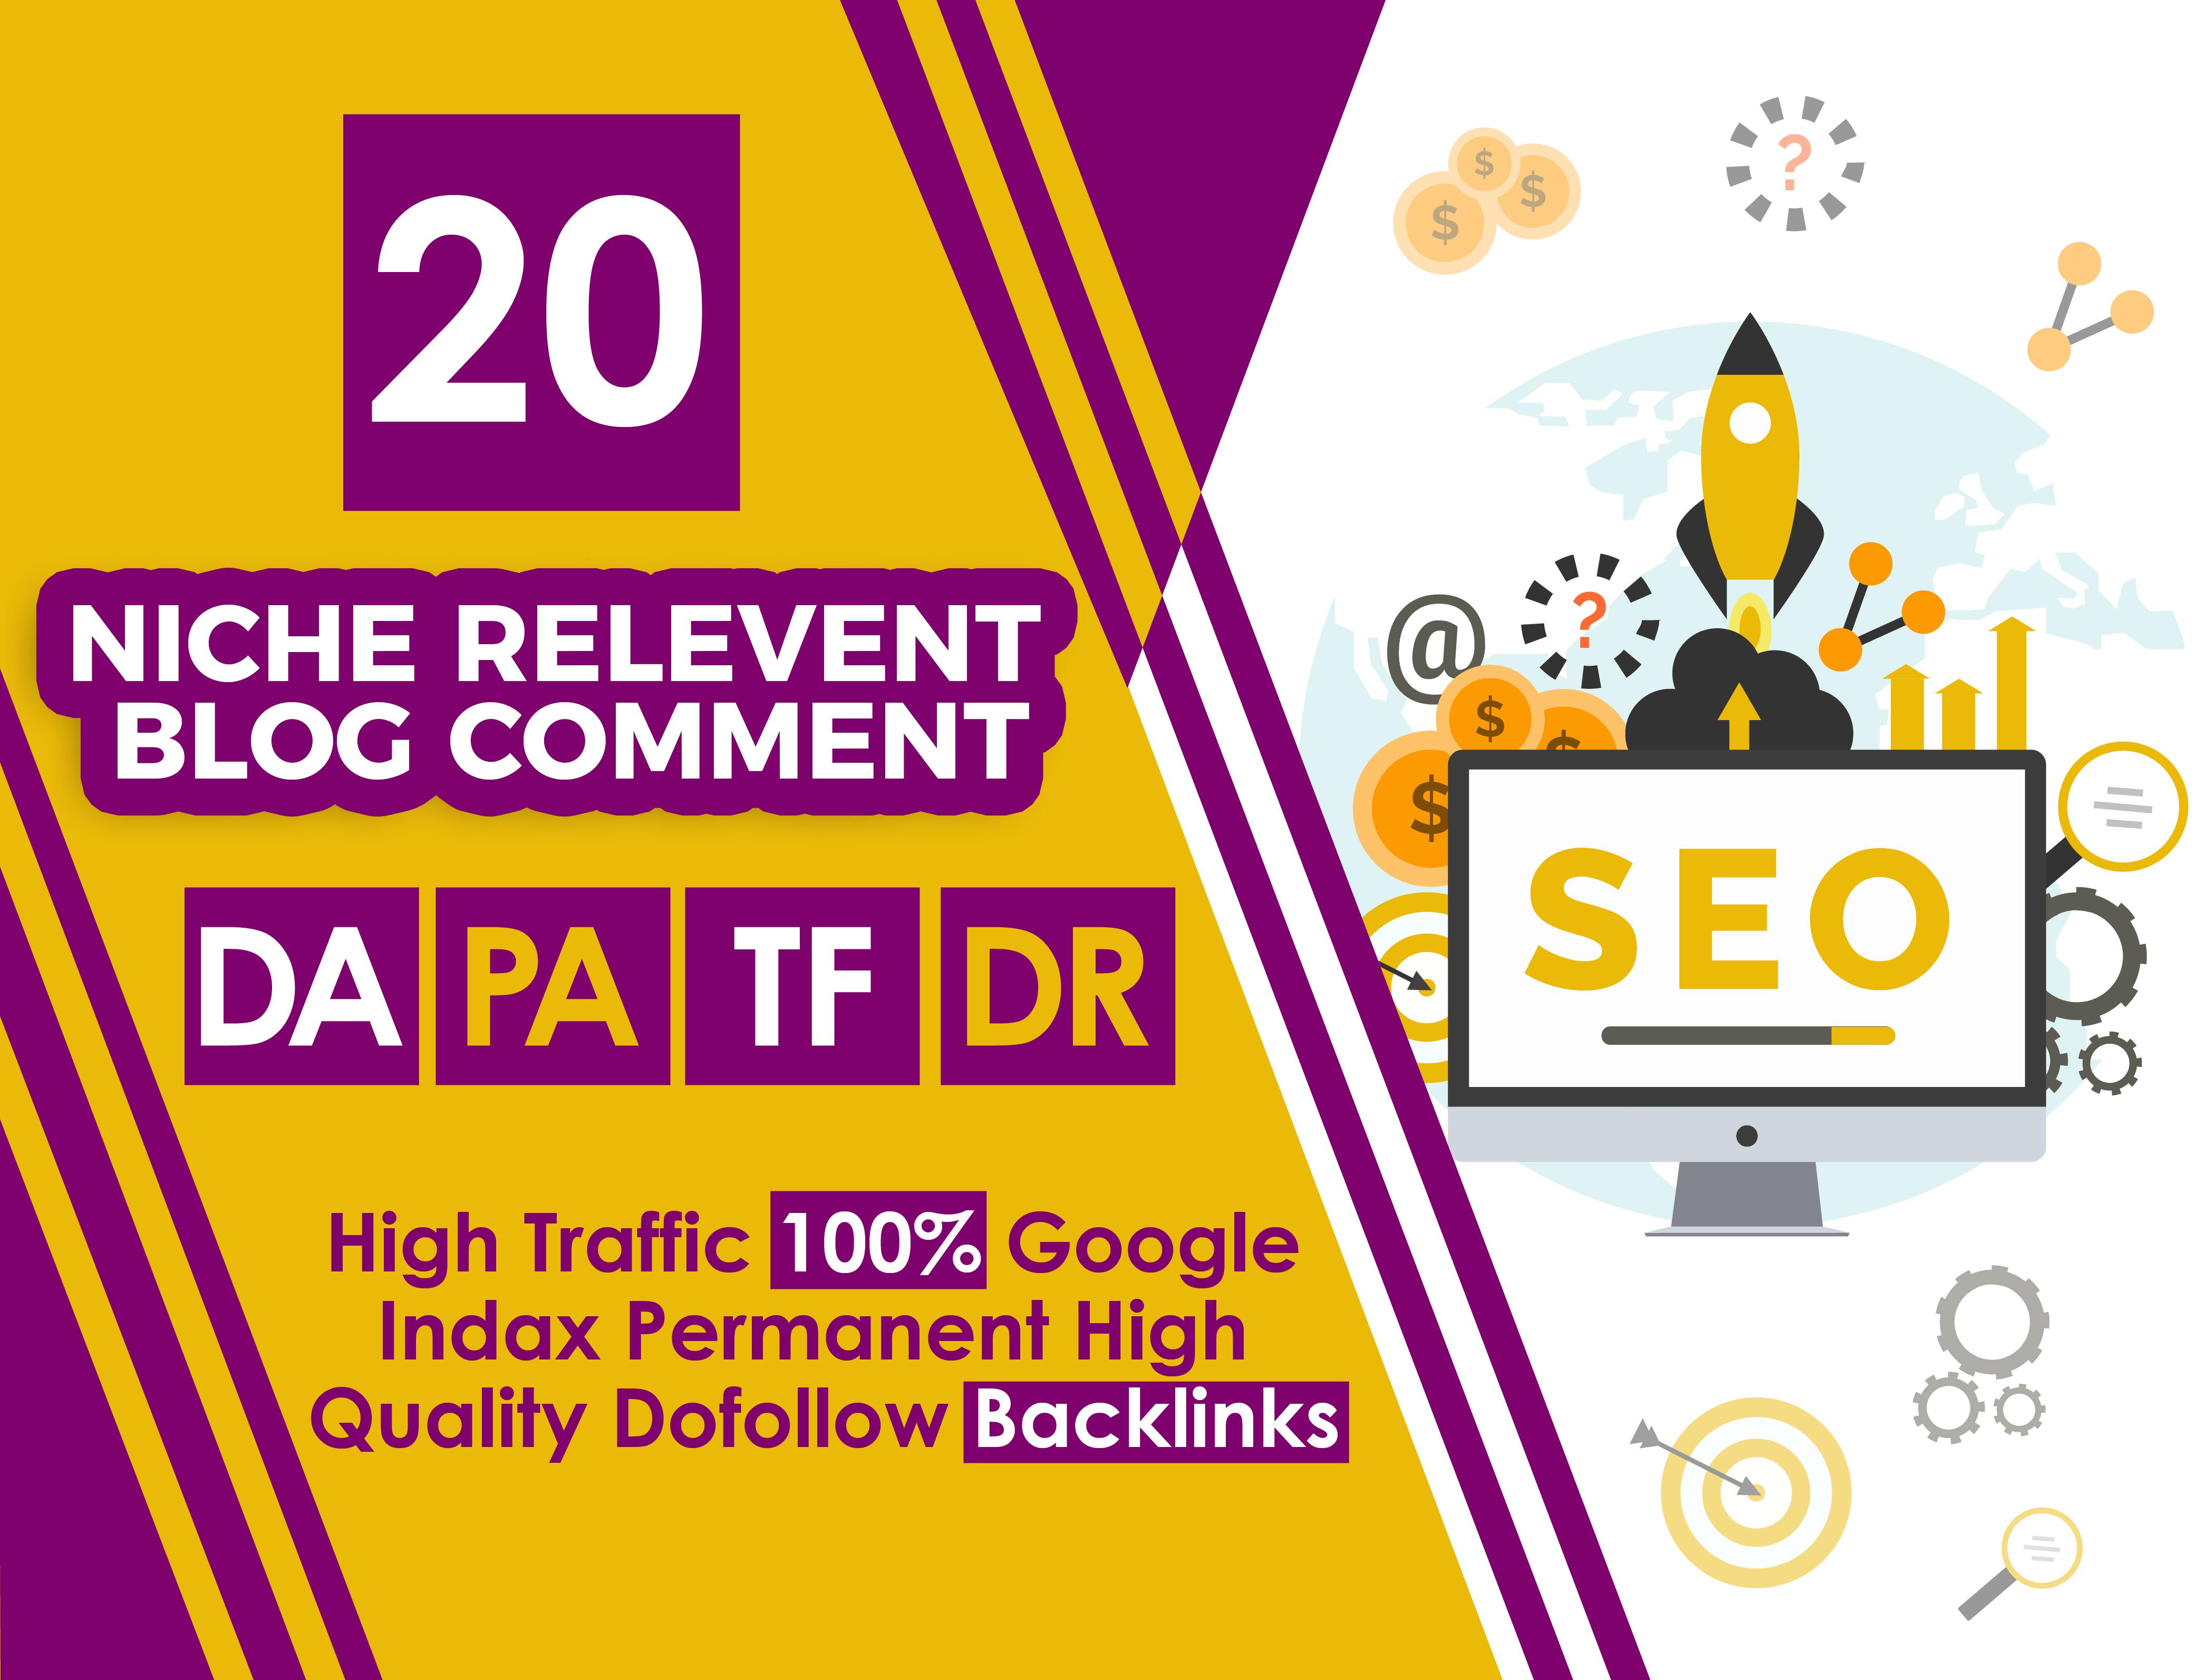 I Will Provide 20 Niche Relevent Blog Comments High DA PA